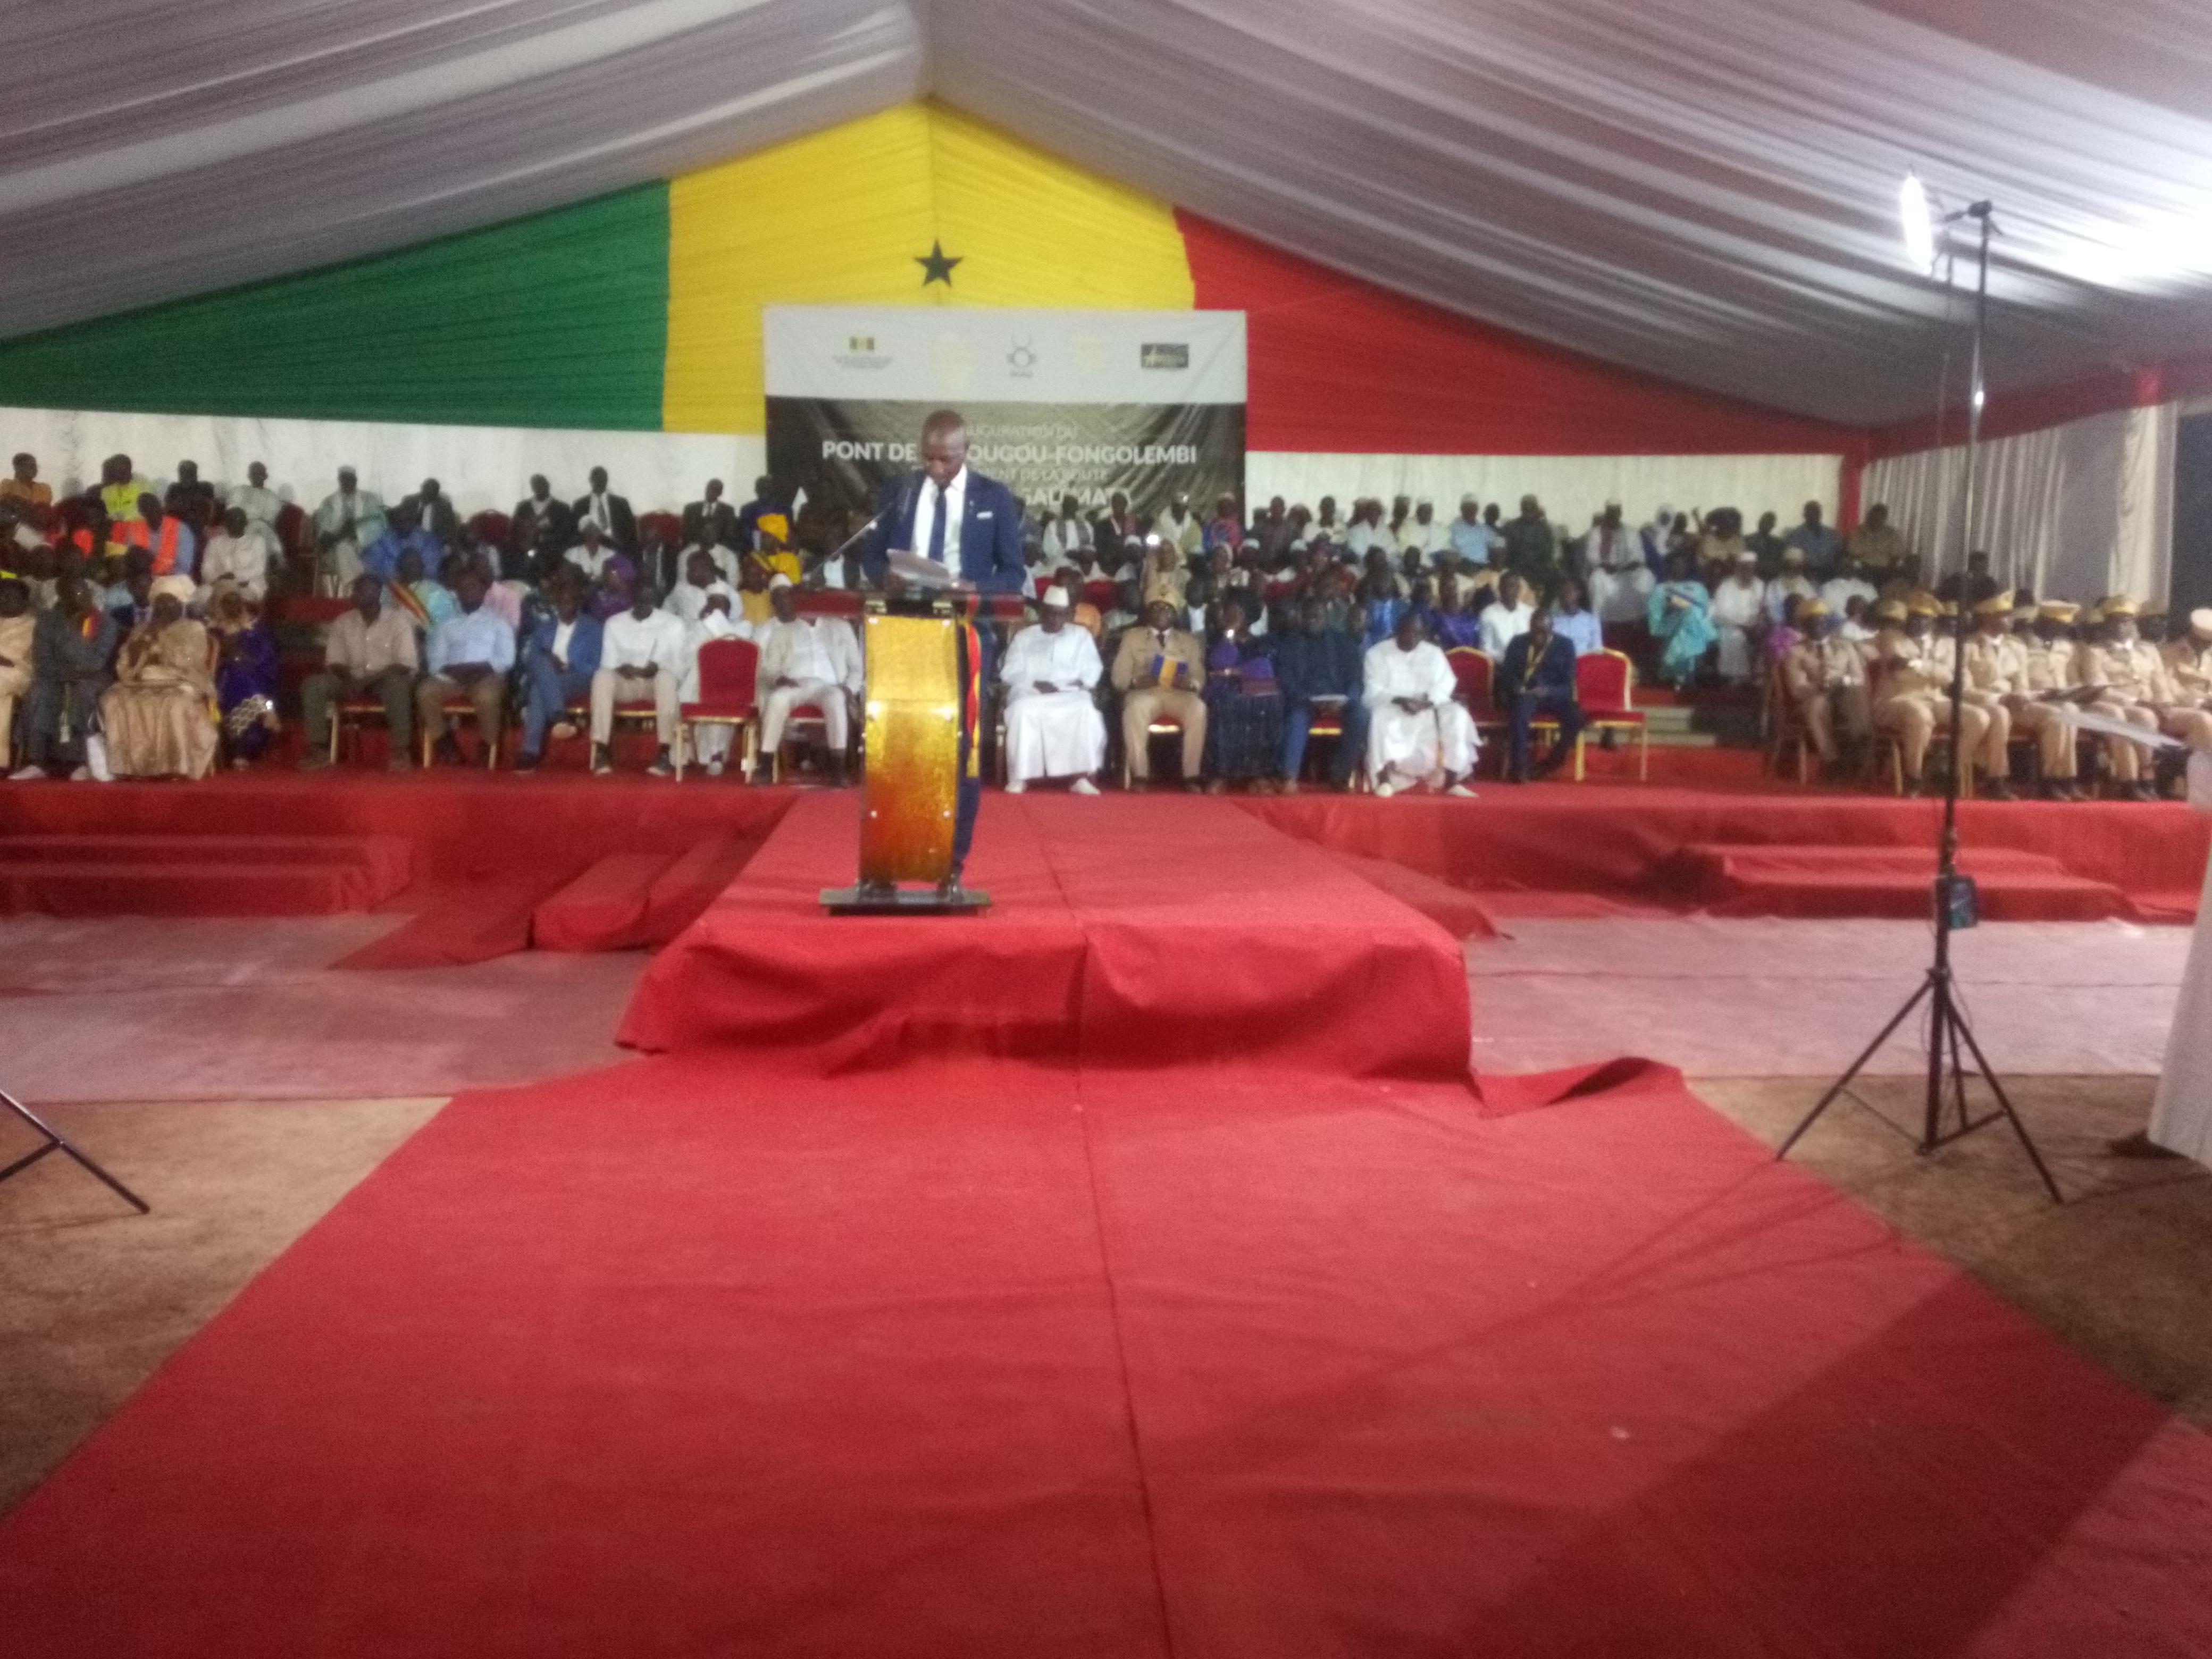 Tournée économique/ Kédougou : « Les jeunes de Kédougou n'ont pas de travail » (Hadj Cissé, Maire)